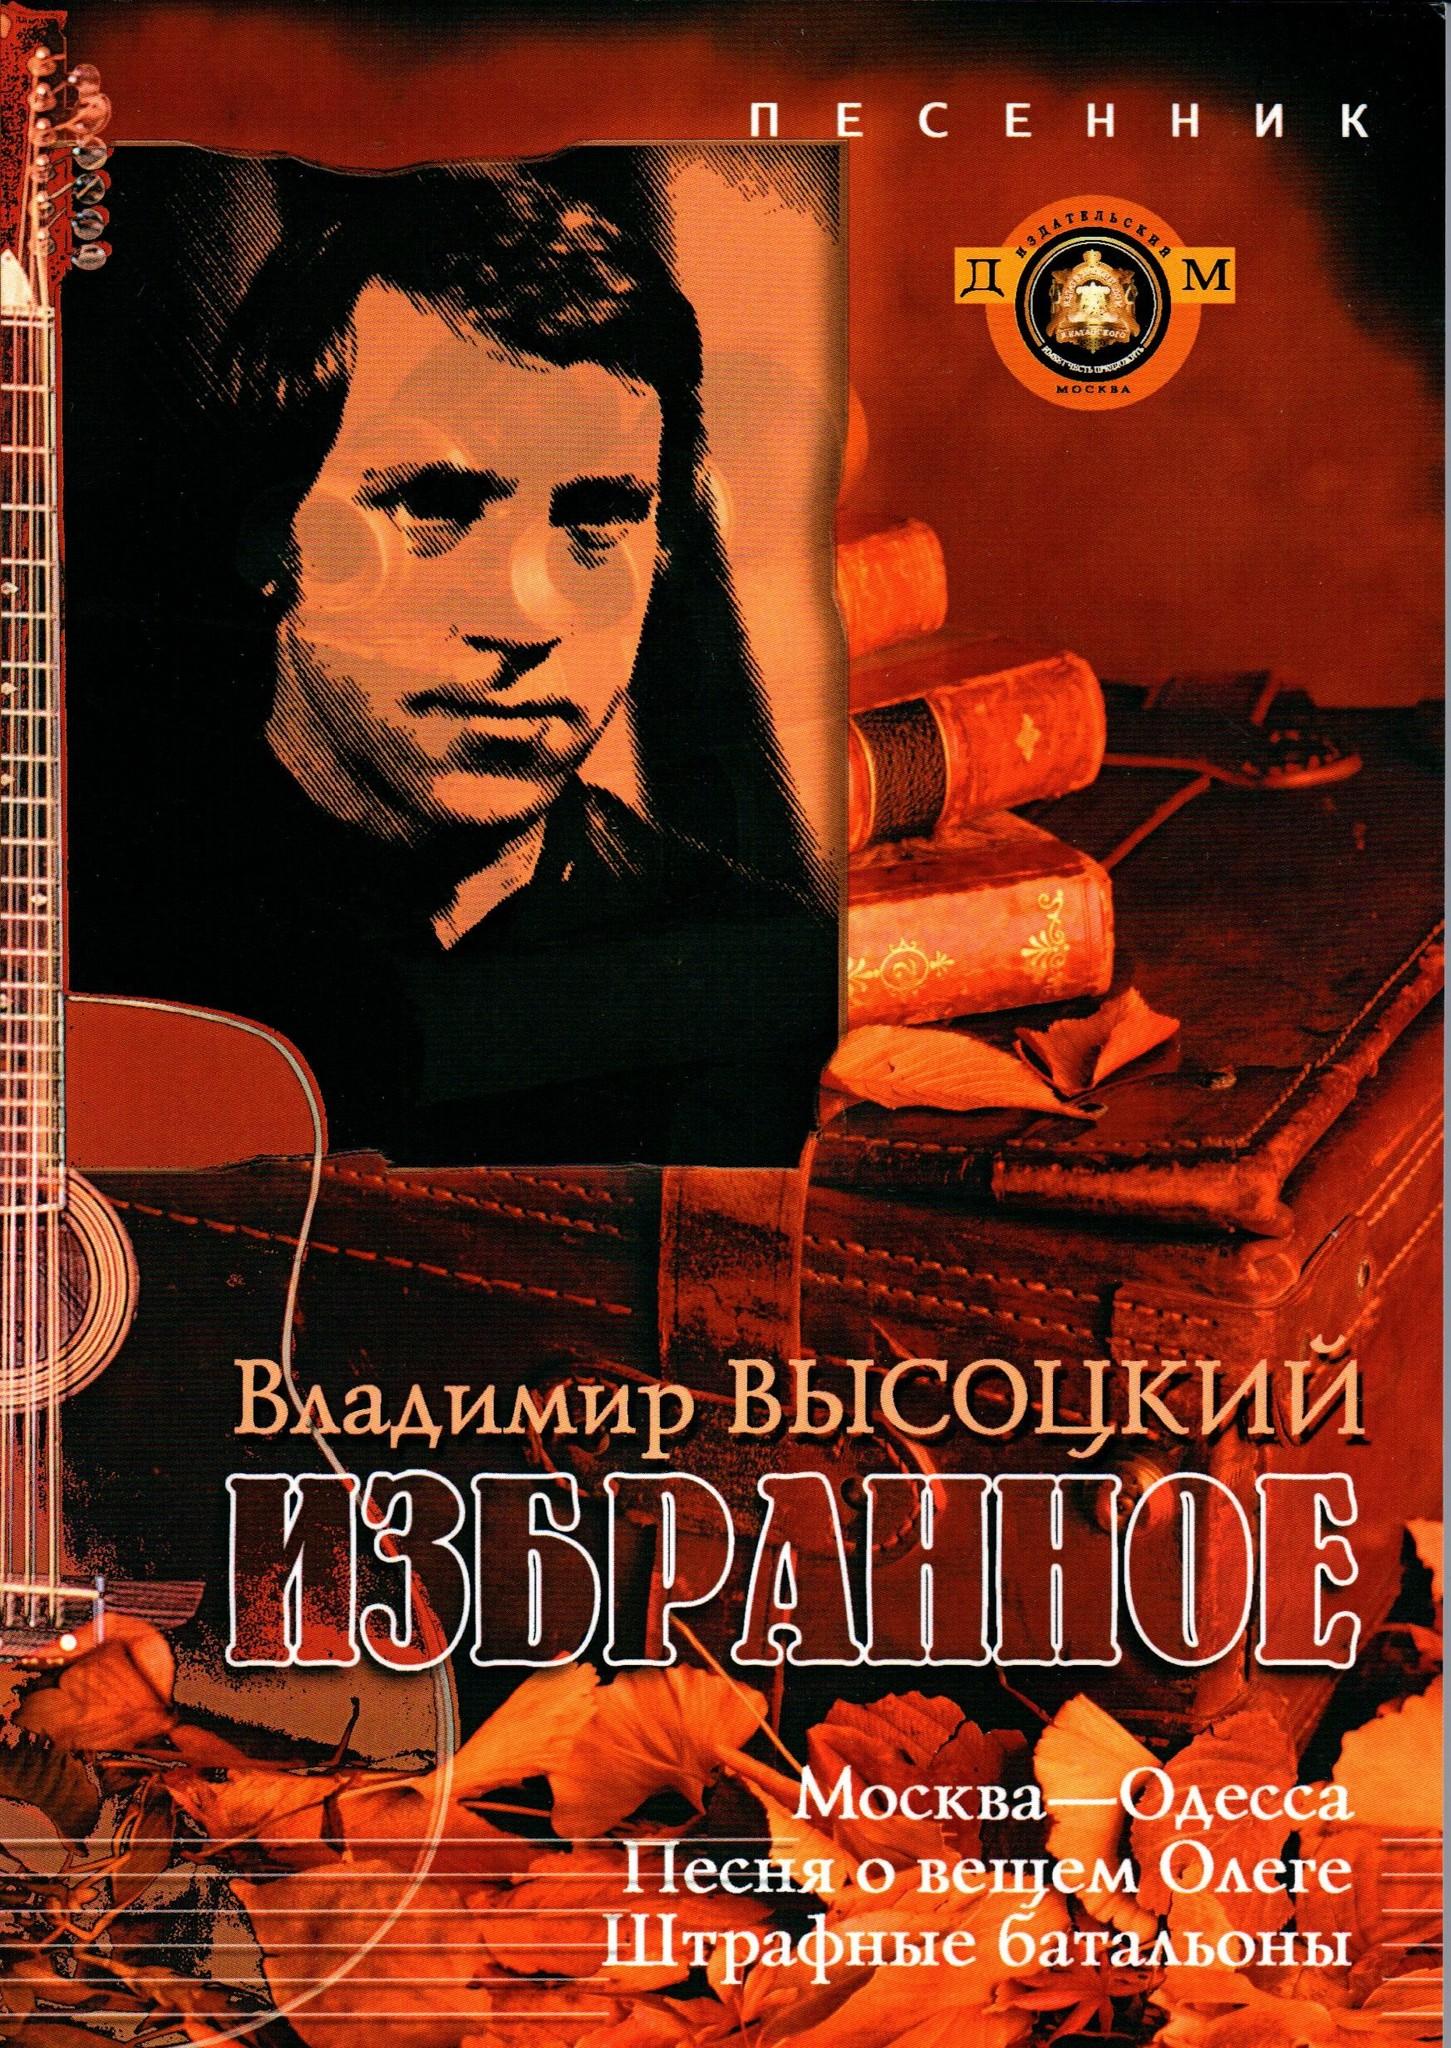 Катанский А. В. Песенник. Избранное. Владимир Высоцкий.